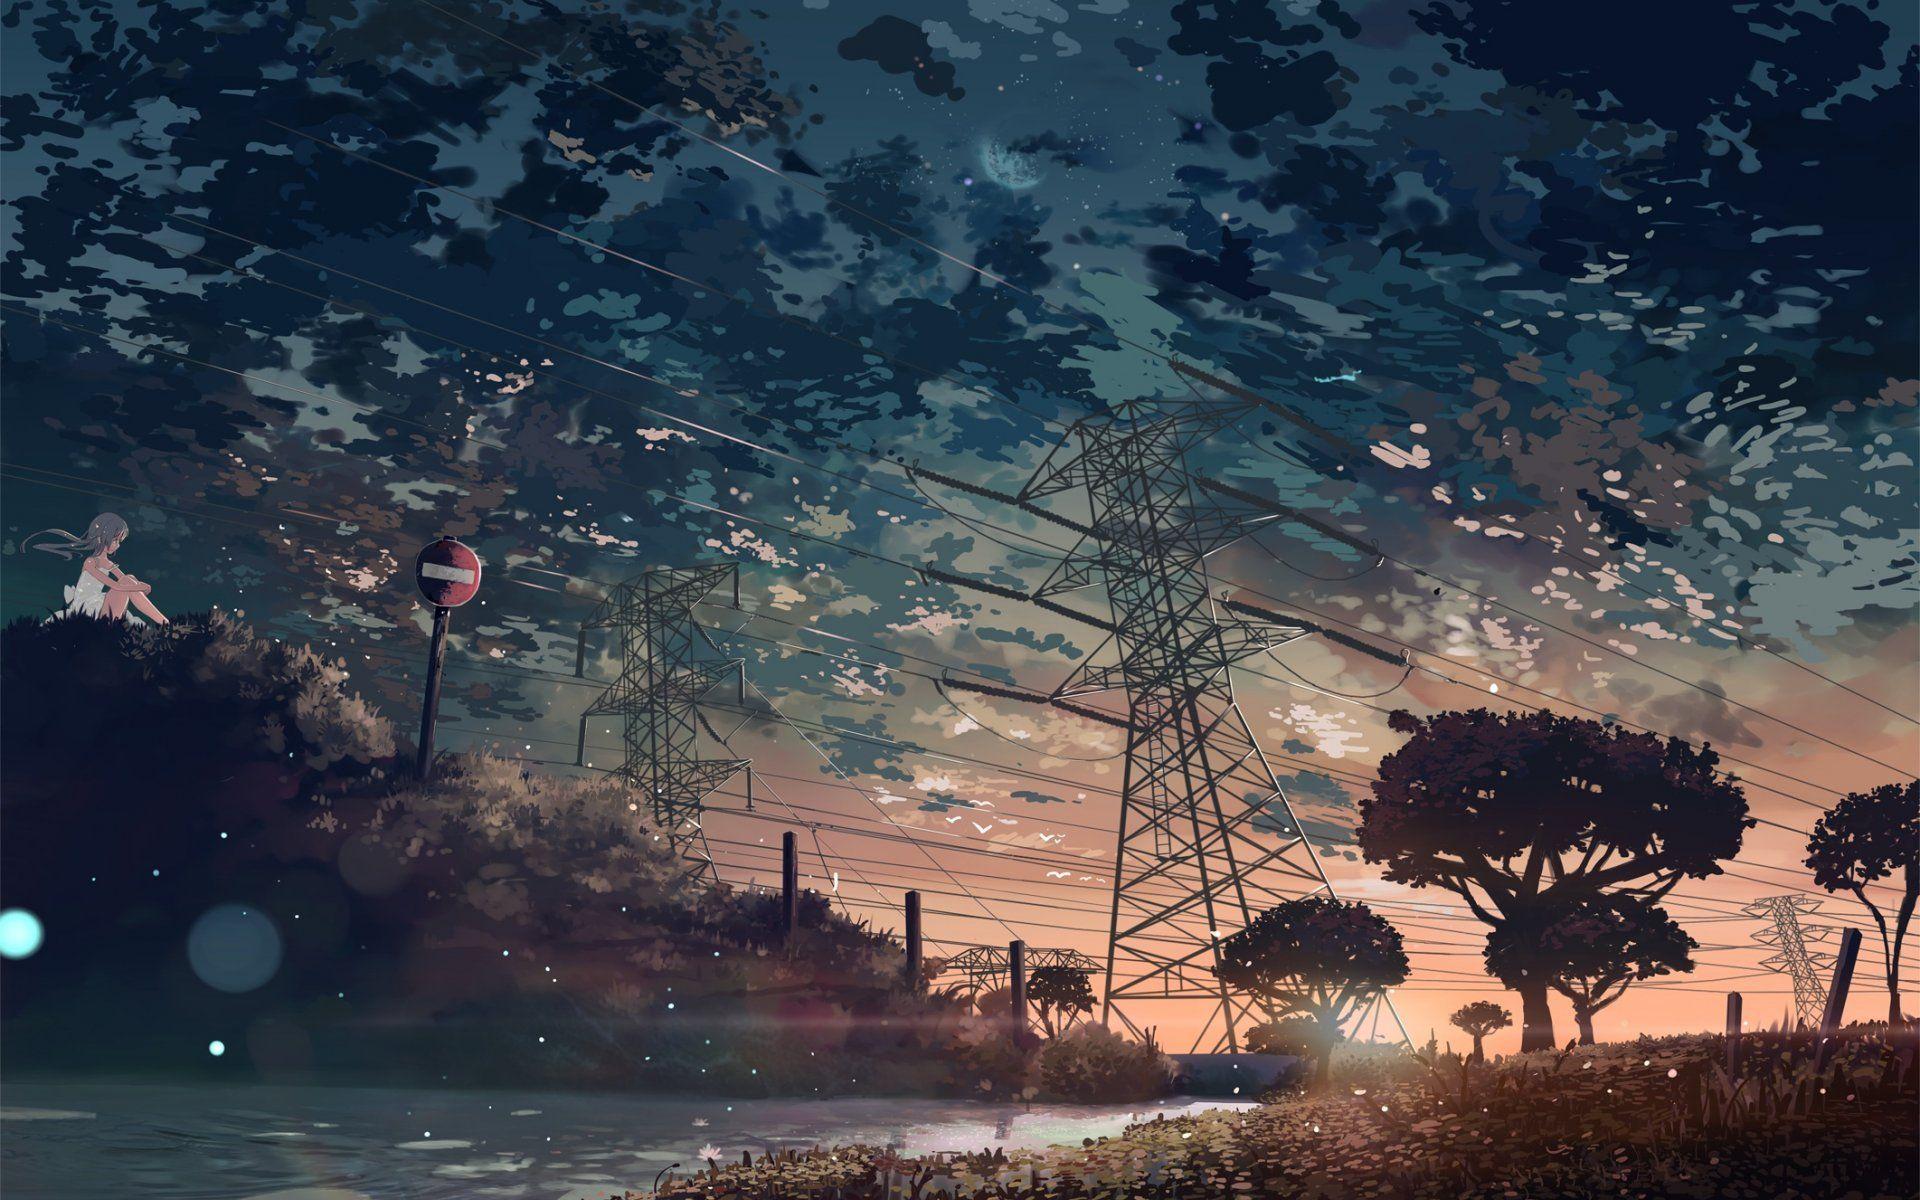 Anime Wallpaper Dump PT.2 Anime scenery wallpaper, Anime